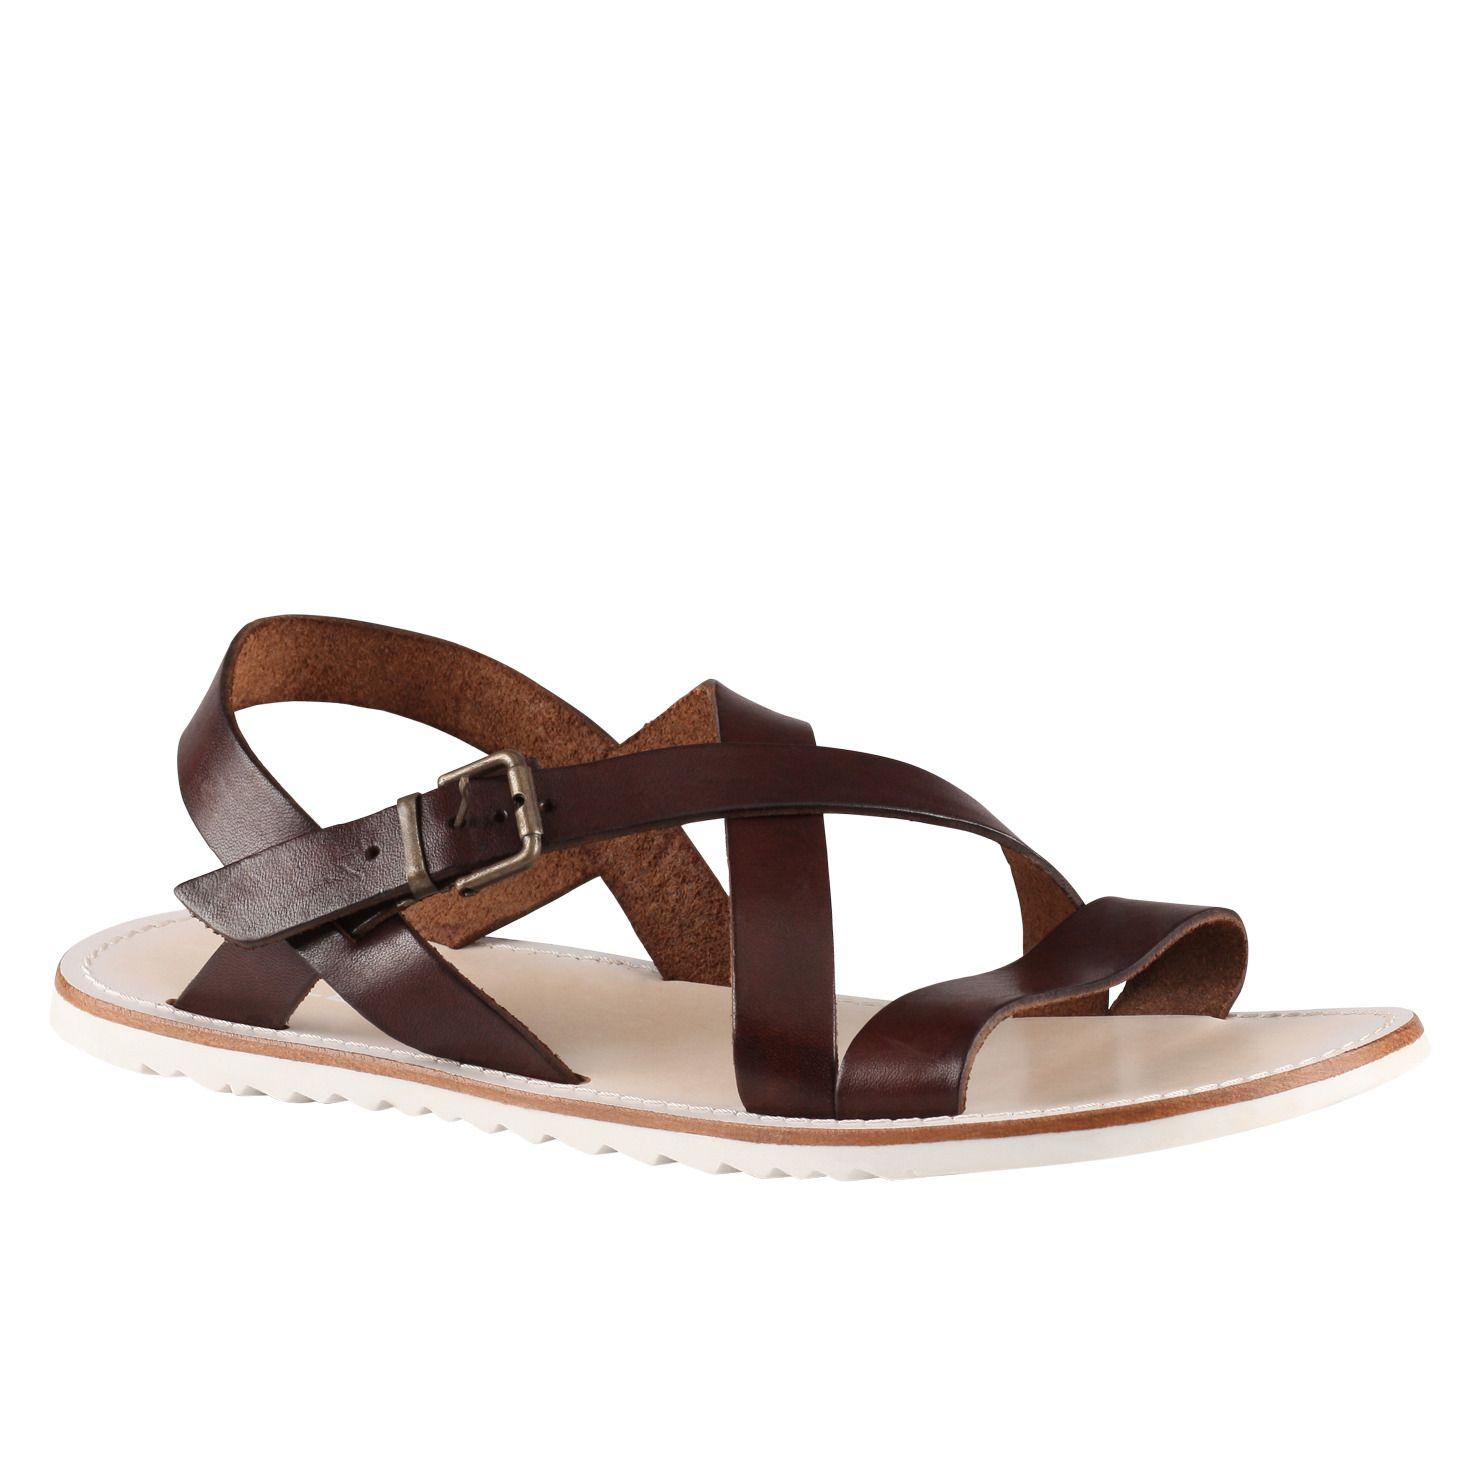 LORRIN - men's sandals for sale at ALDO Shoes.